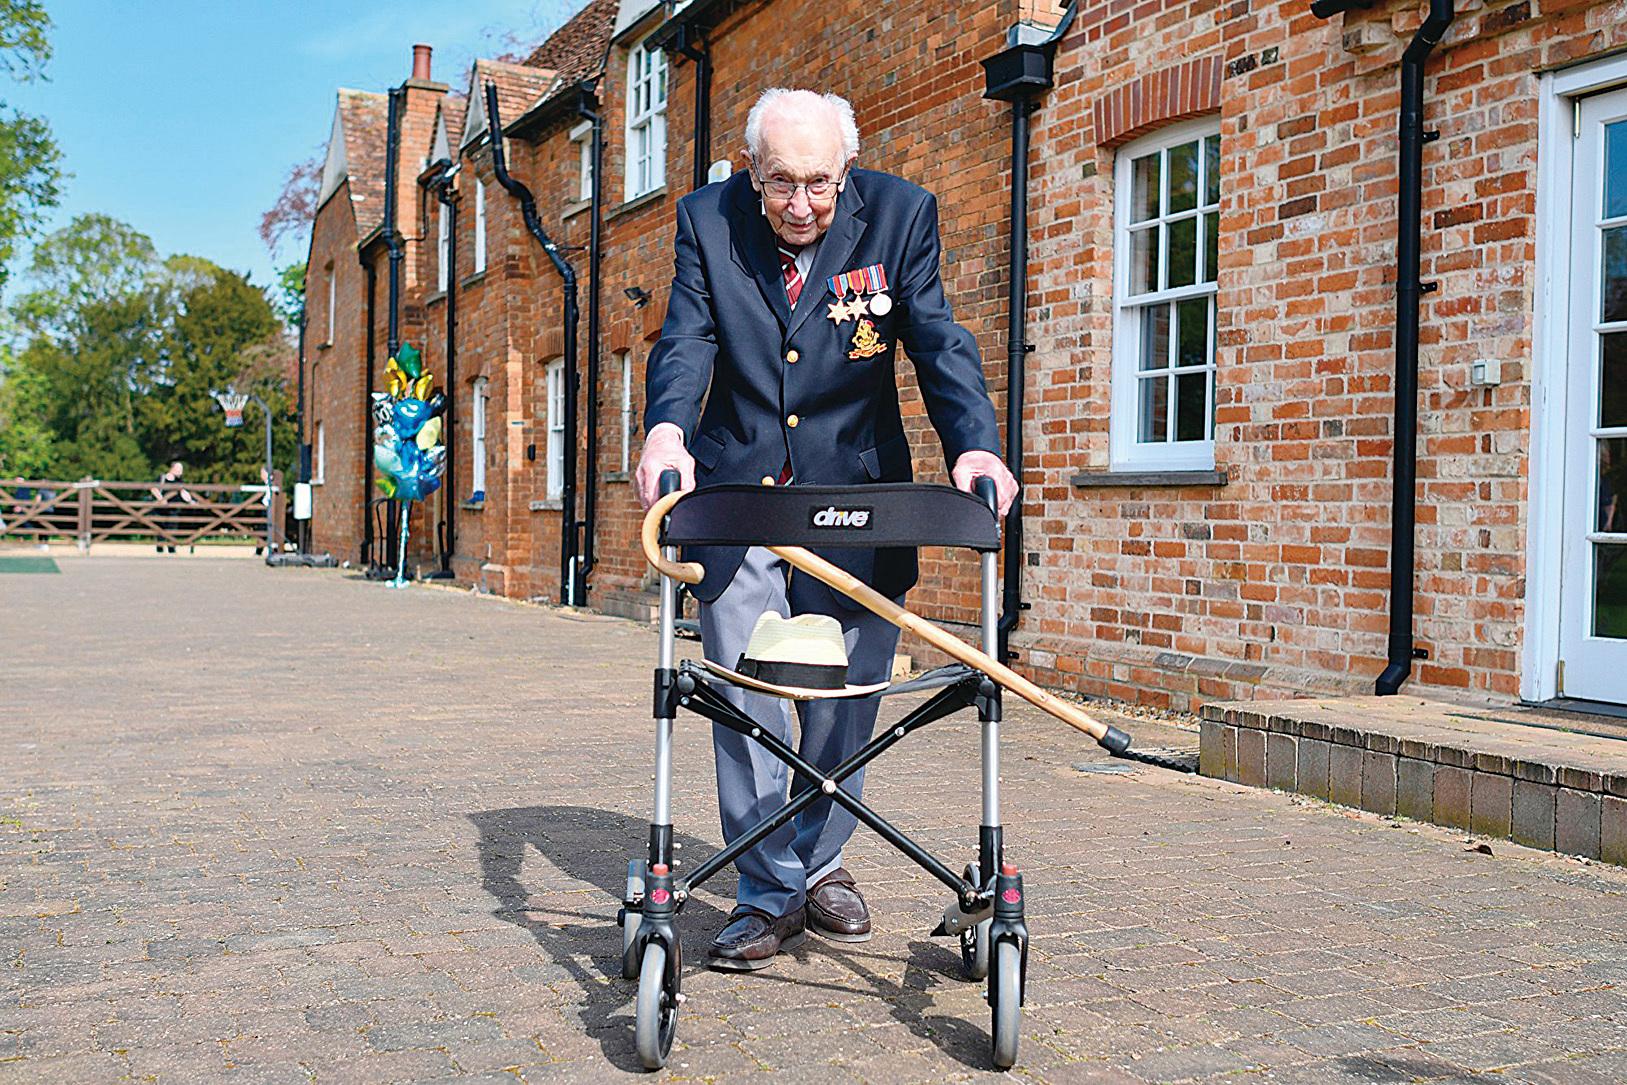 英國二戰老兵穆爾(Tom Moore)為該國醫護人員募得大約4,000萬美元。圖為2020年4月16日,他以繞行自家花園100圈的方式募款。(JUSTIN TALLIS/AFP via Getty Images)